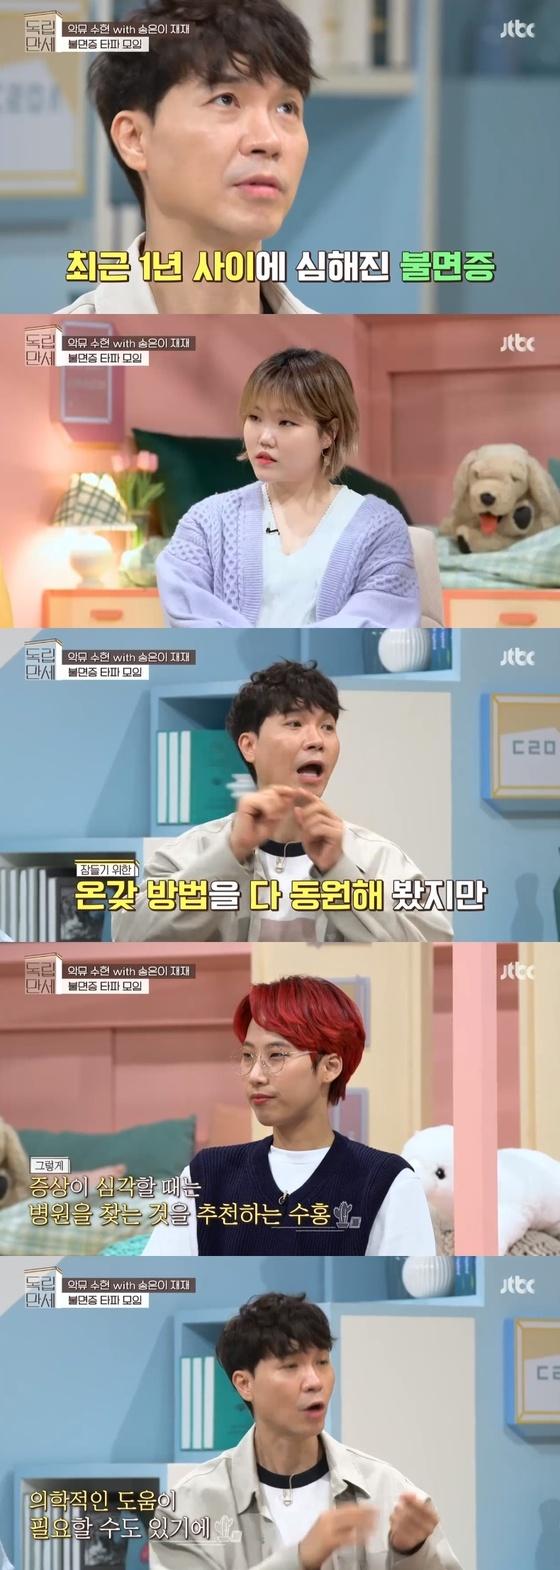 """[RE:TV] '만수 독립'박수홍 """"최근 불면증이 심해졌는데 … 잠들지 못해 고통 스러웠 어"""""""